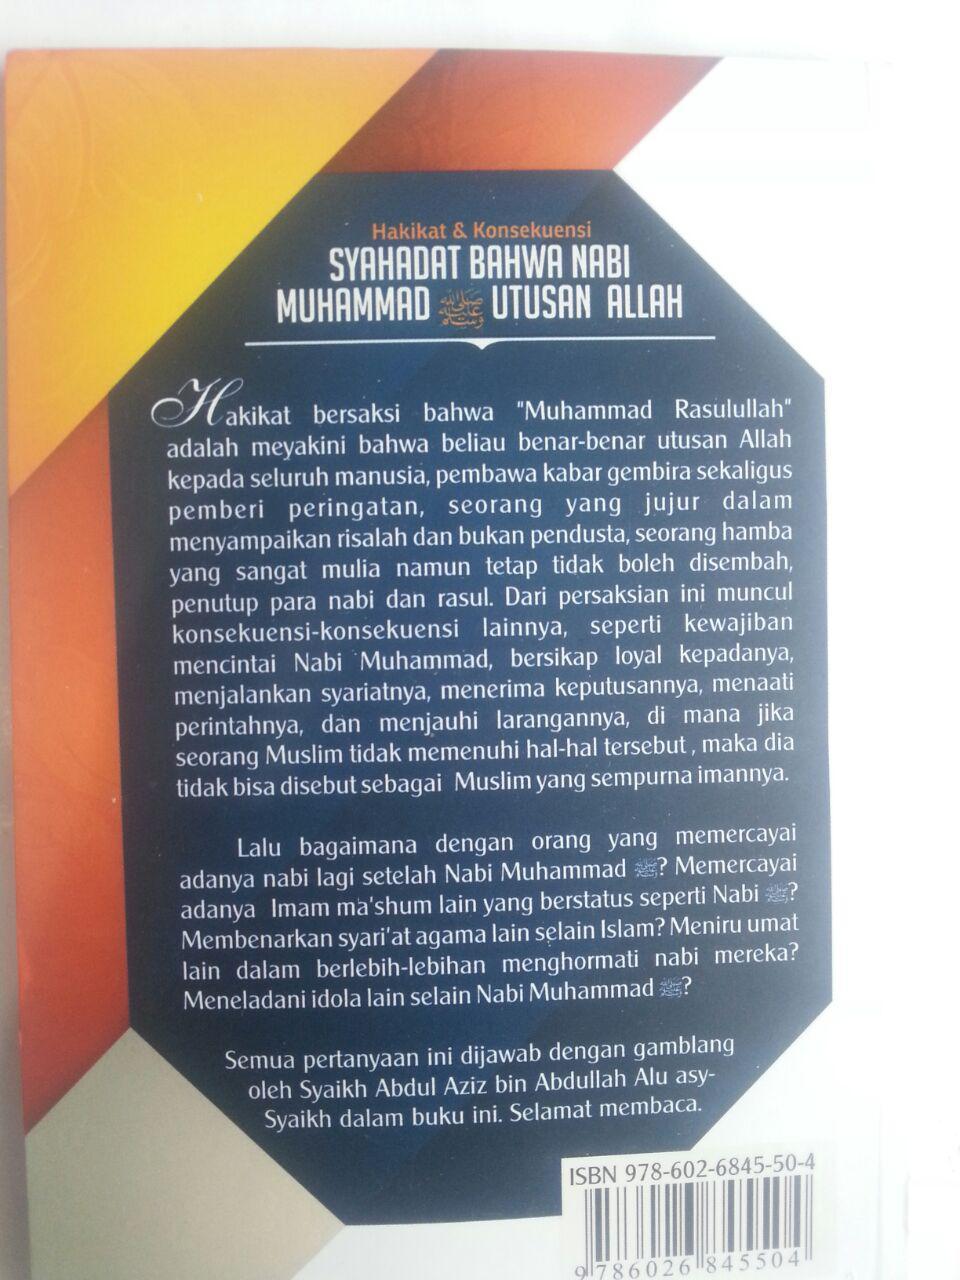 Buku Hakikat Dan Konsekuensi Syahadat Nabi Muhammad Utusan Allah cover